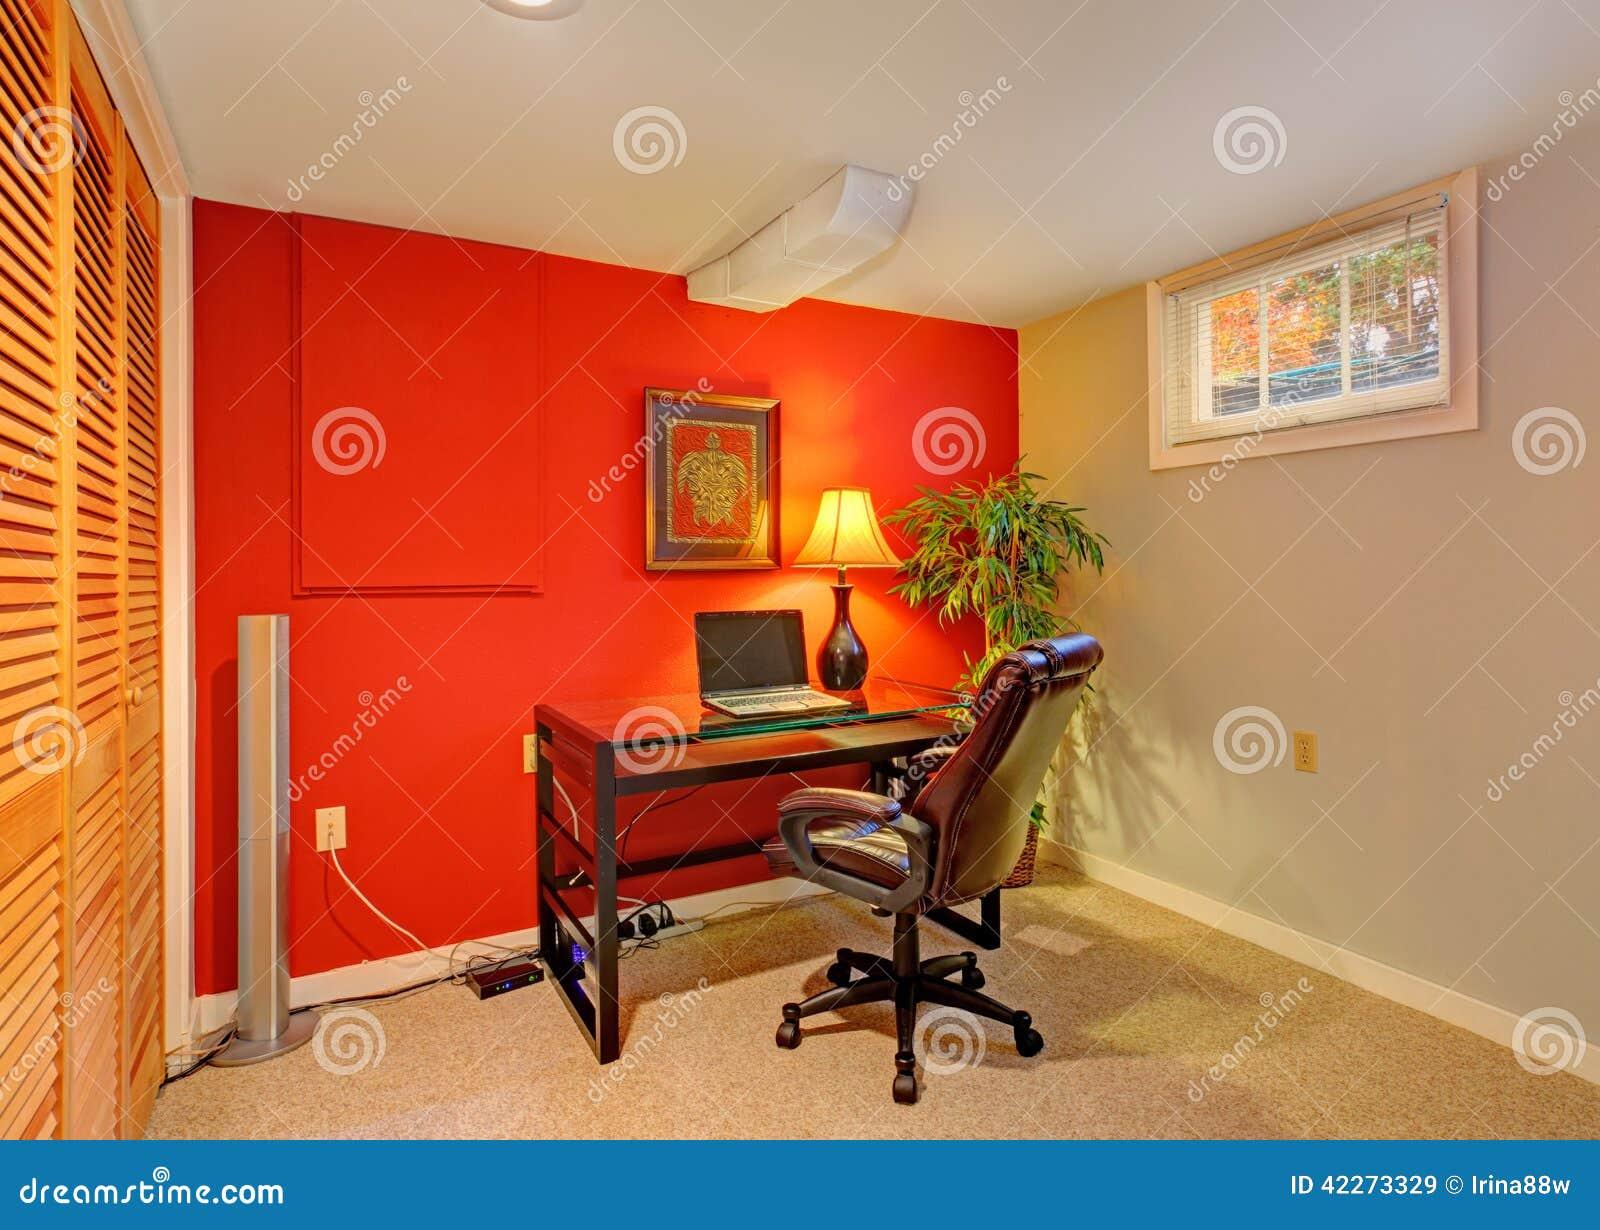 Colores brillantes del sitio de la oficina en cambio foto for Xxx porno en la oficina